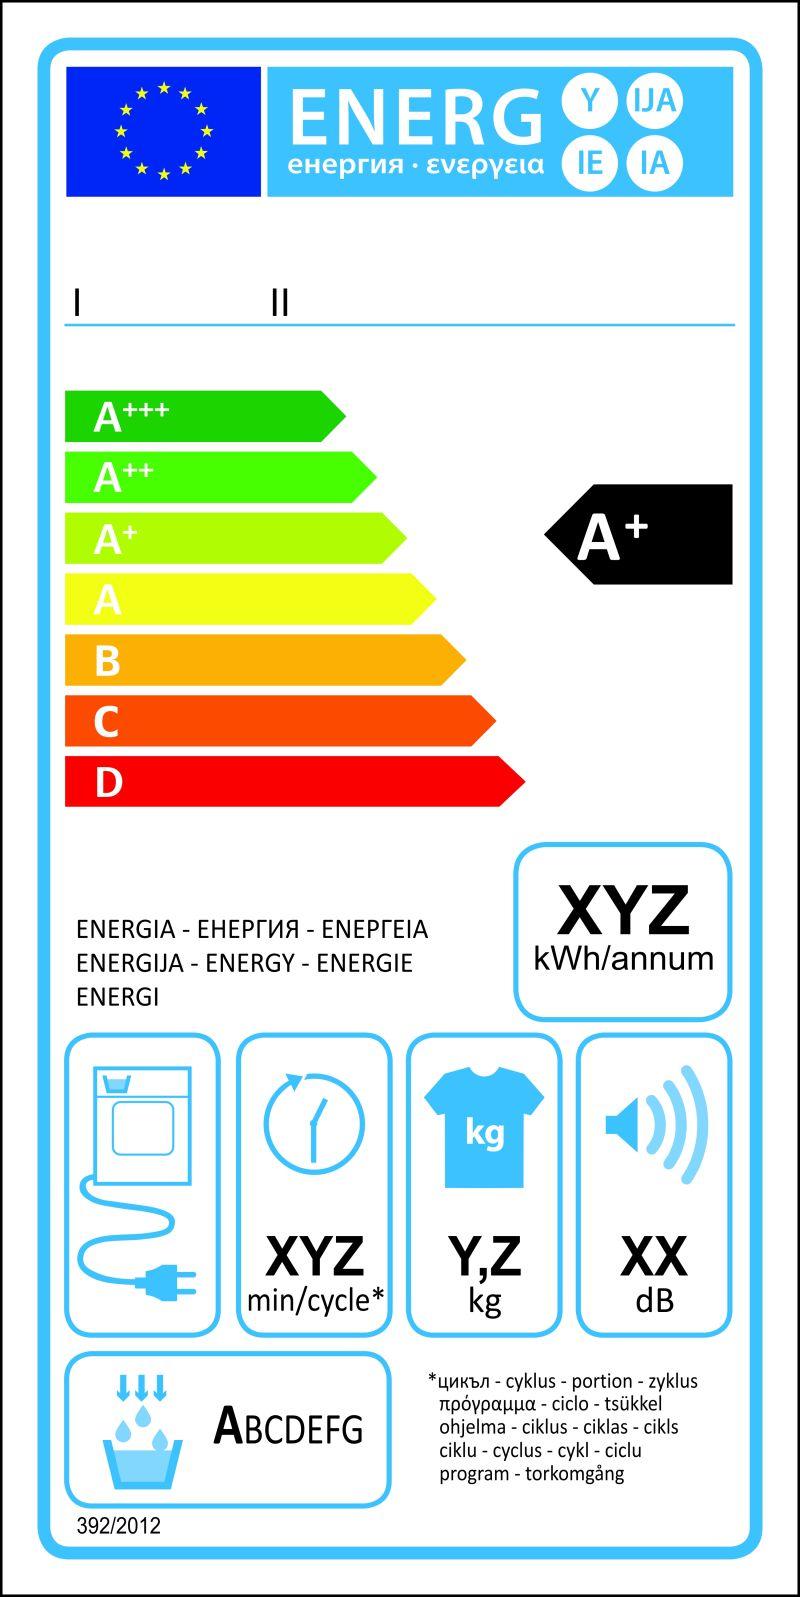 滚筒式干燥器在矢量中冷凝新的能量等级矢量标签